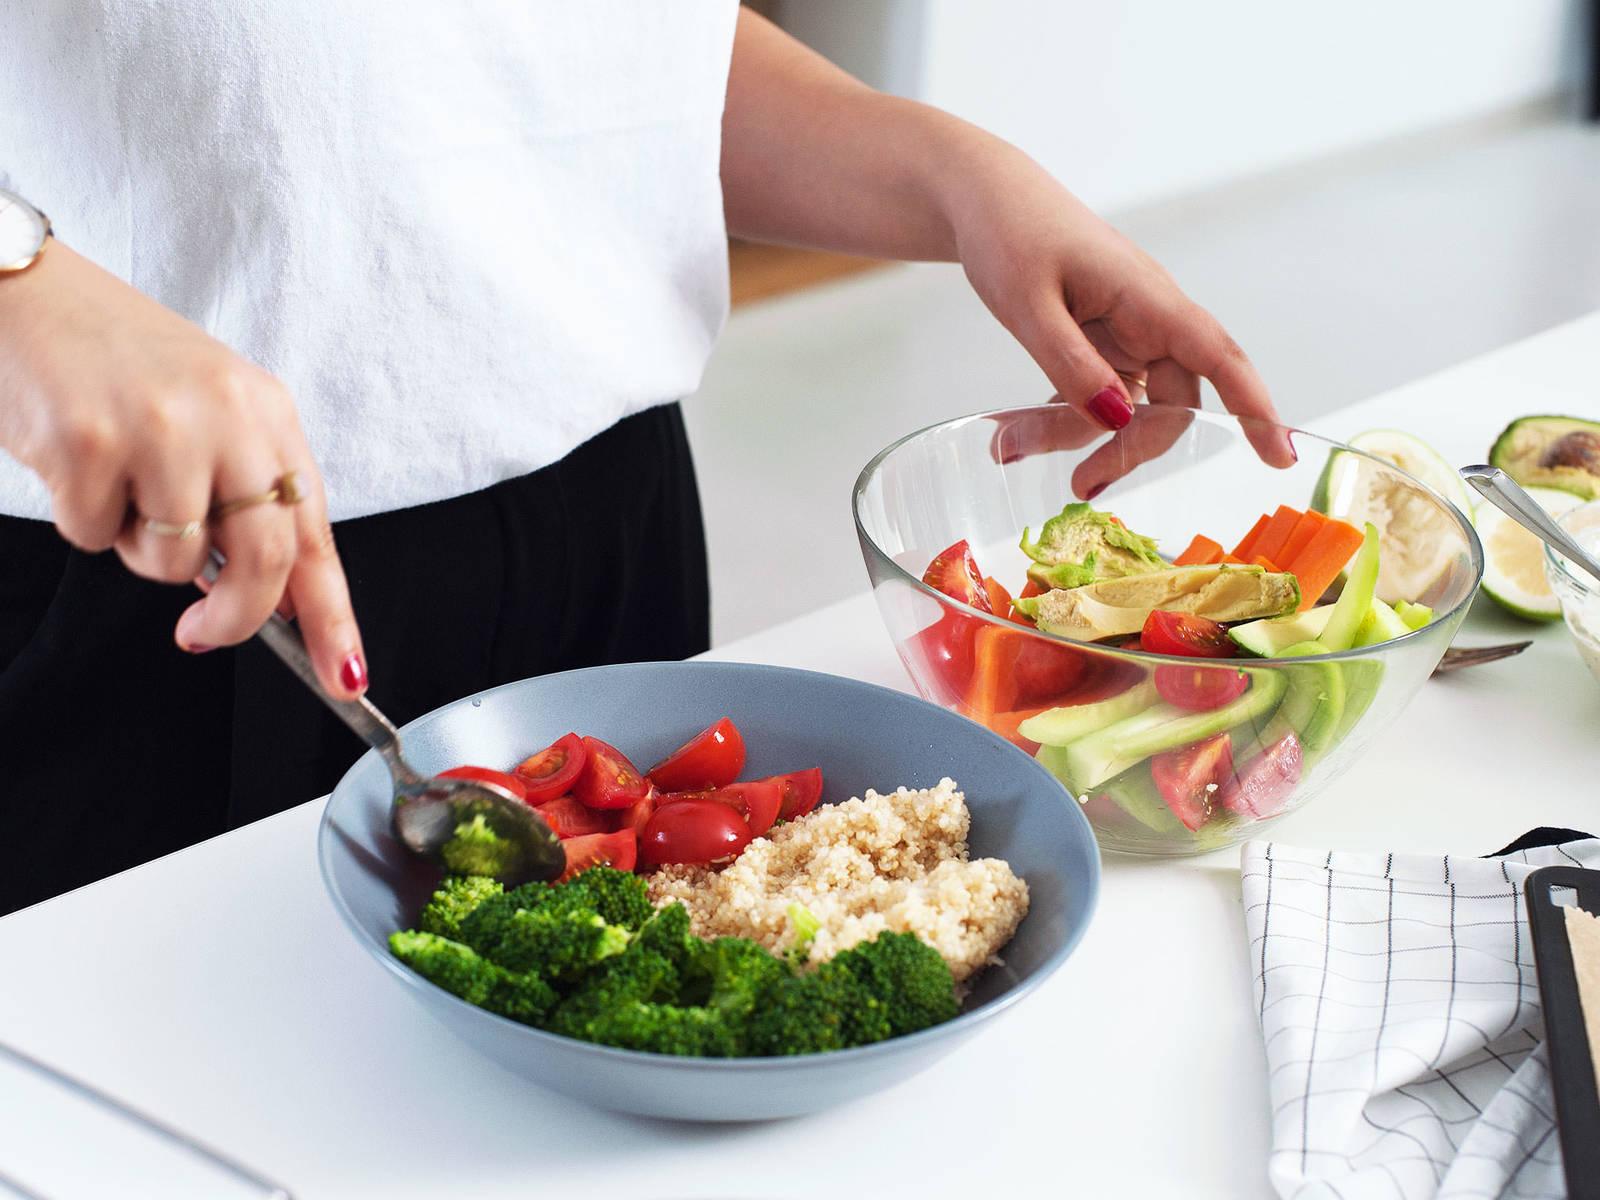 Quinoa zum Anrichten in eine Schüssel geben. Geschnittenes Gemüse darauf anrichten. Mit dem Saft der restlichen Zitrone beträufeln und nach Geschmack Quark-Dip obenauf geben. Guten Appetit!